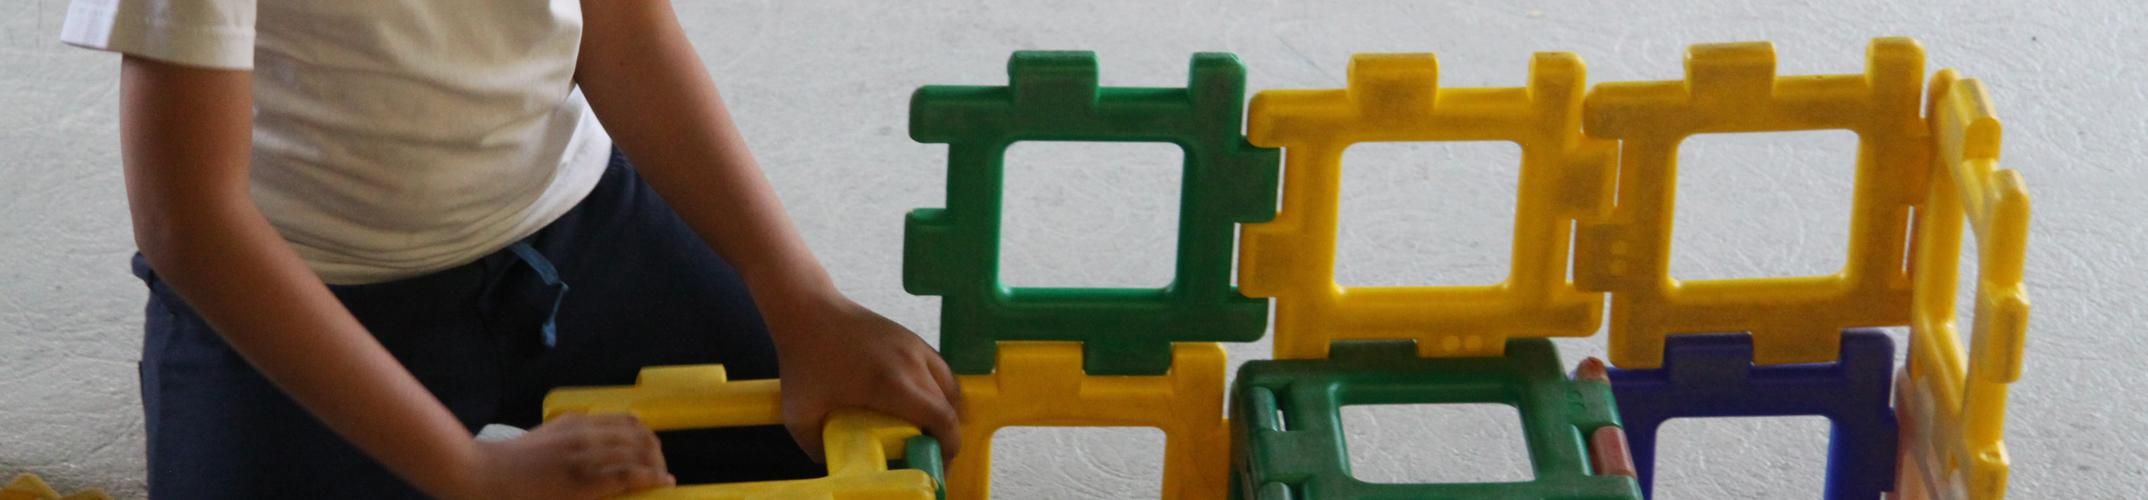 pedagogia-inclusiva2